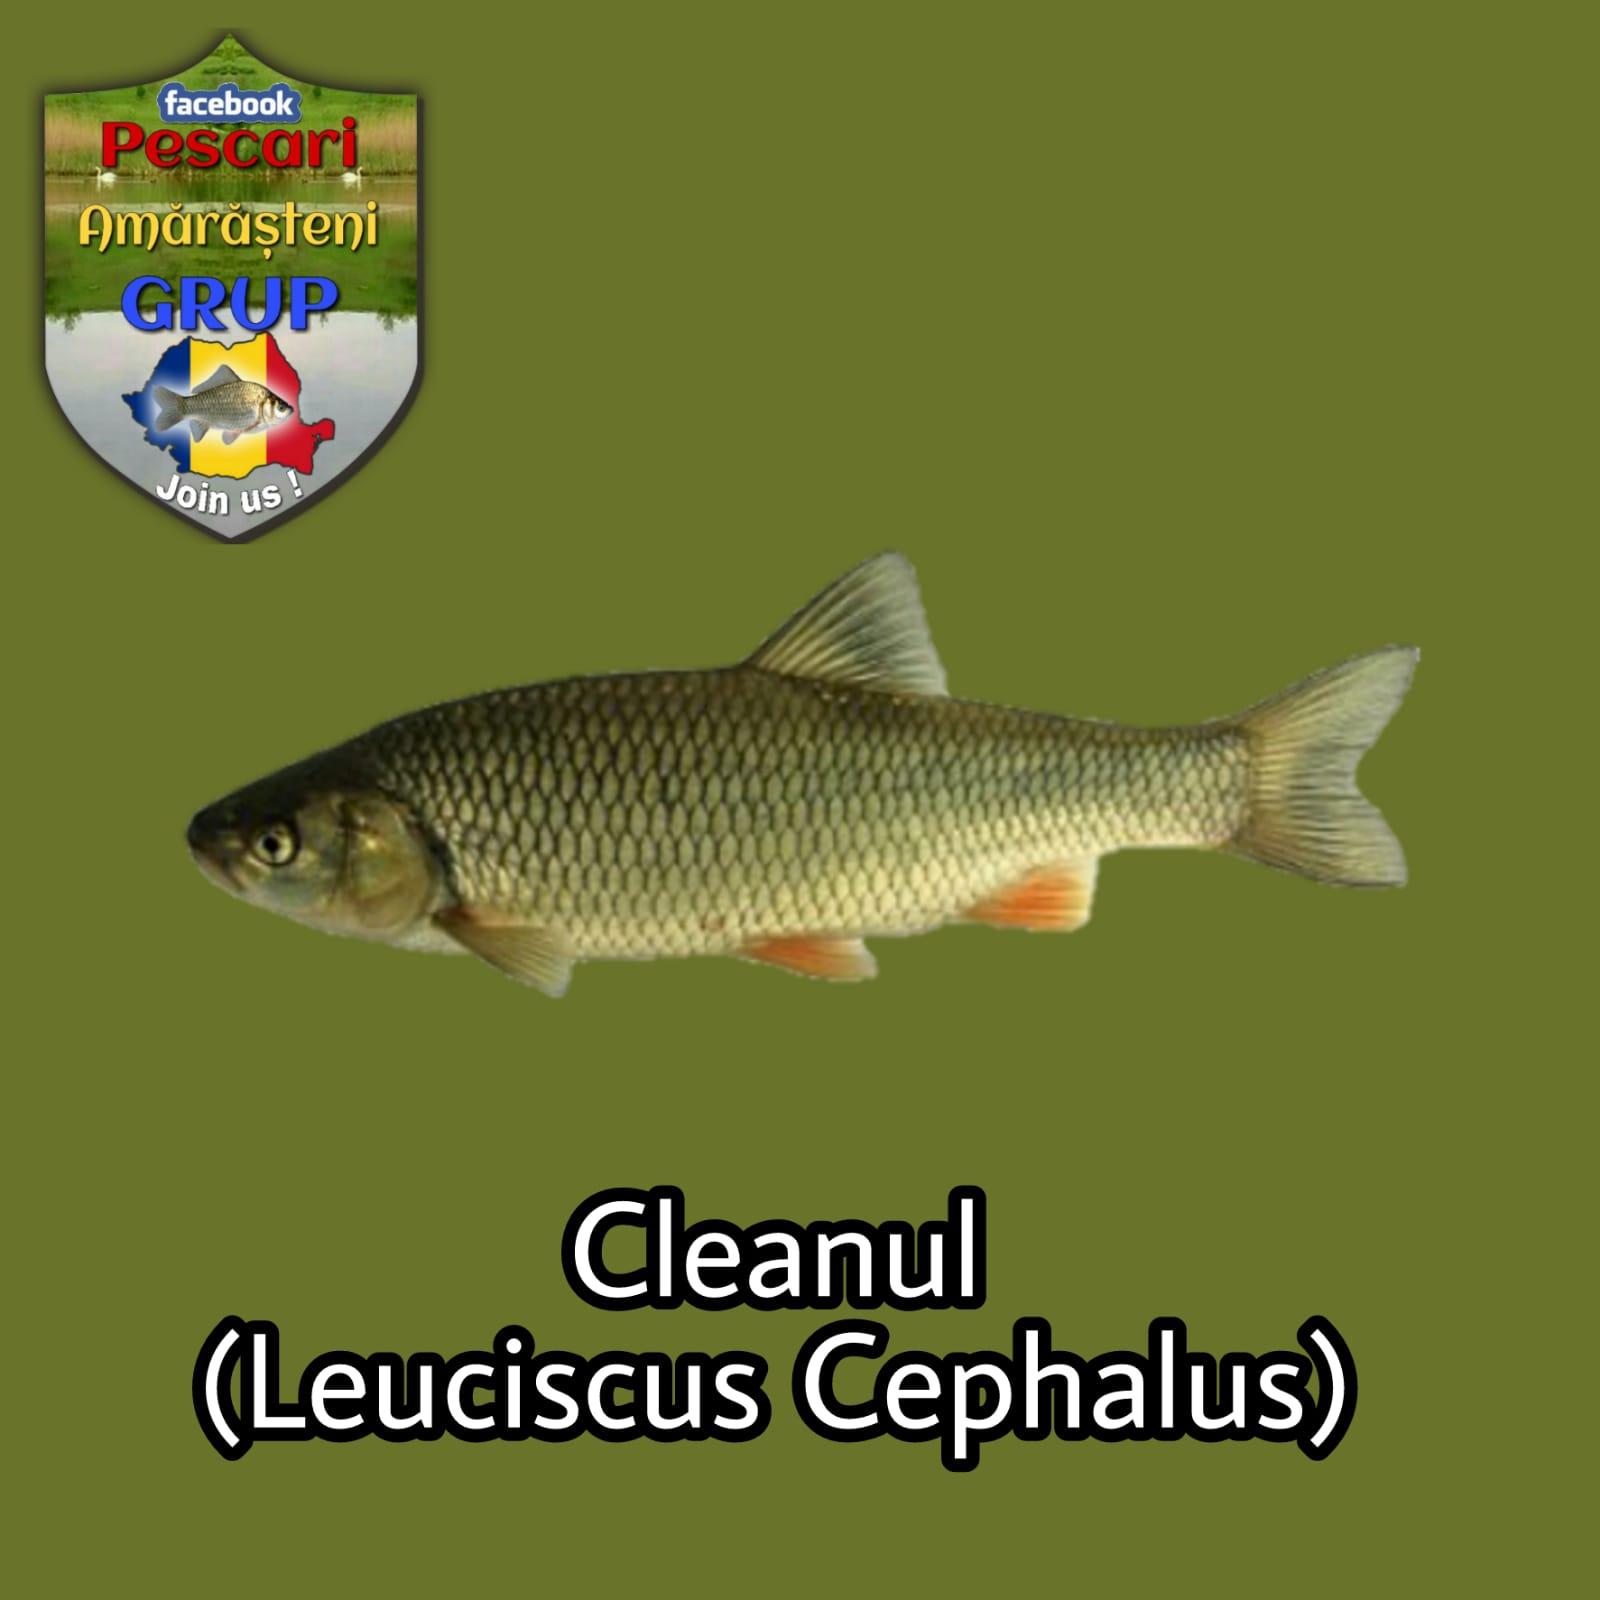 Cleanul (Leuciscus/Squalius cephalus)